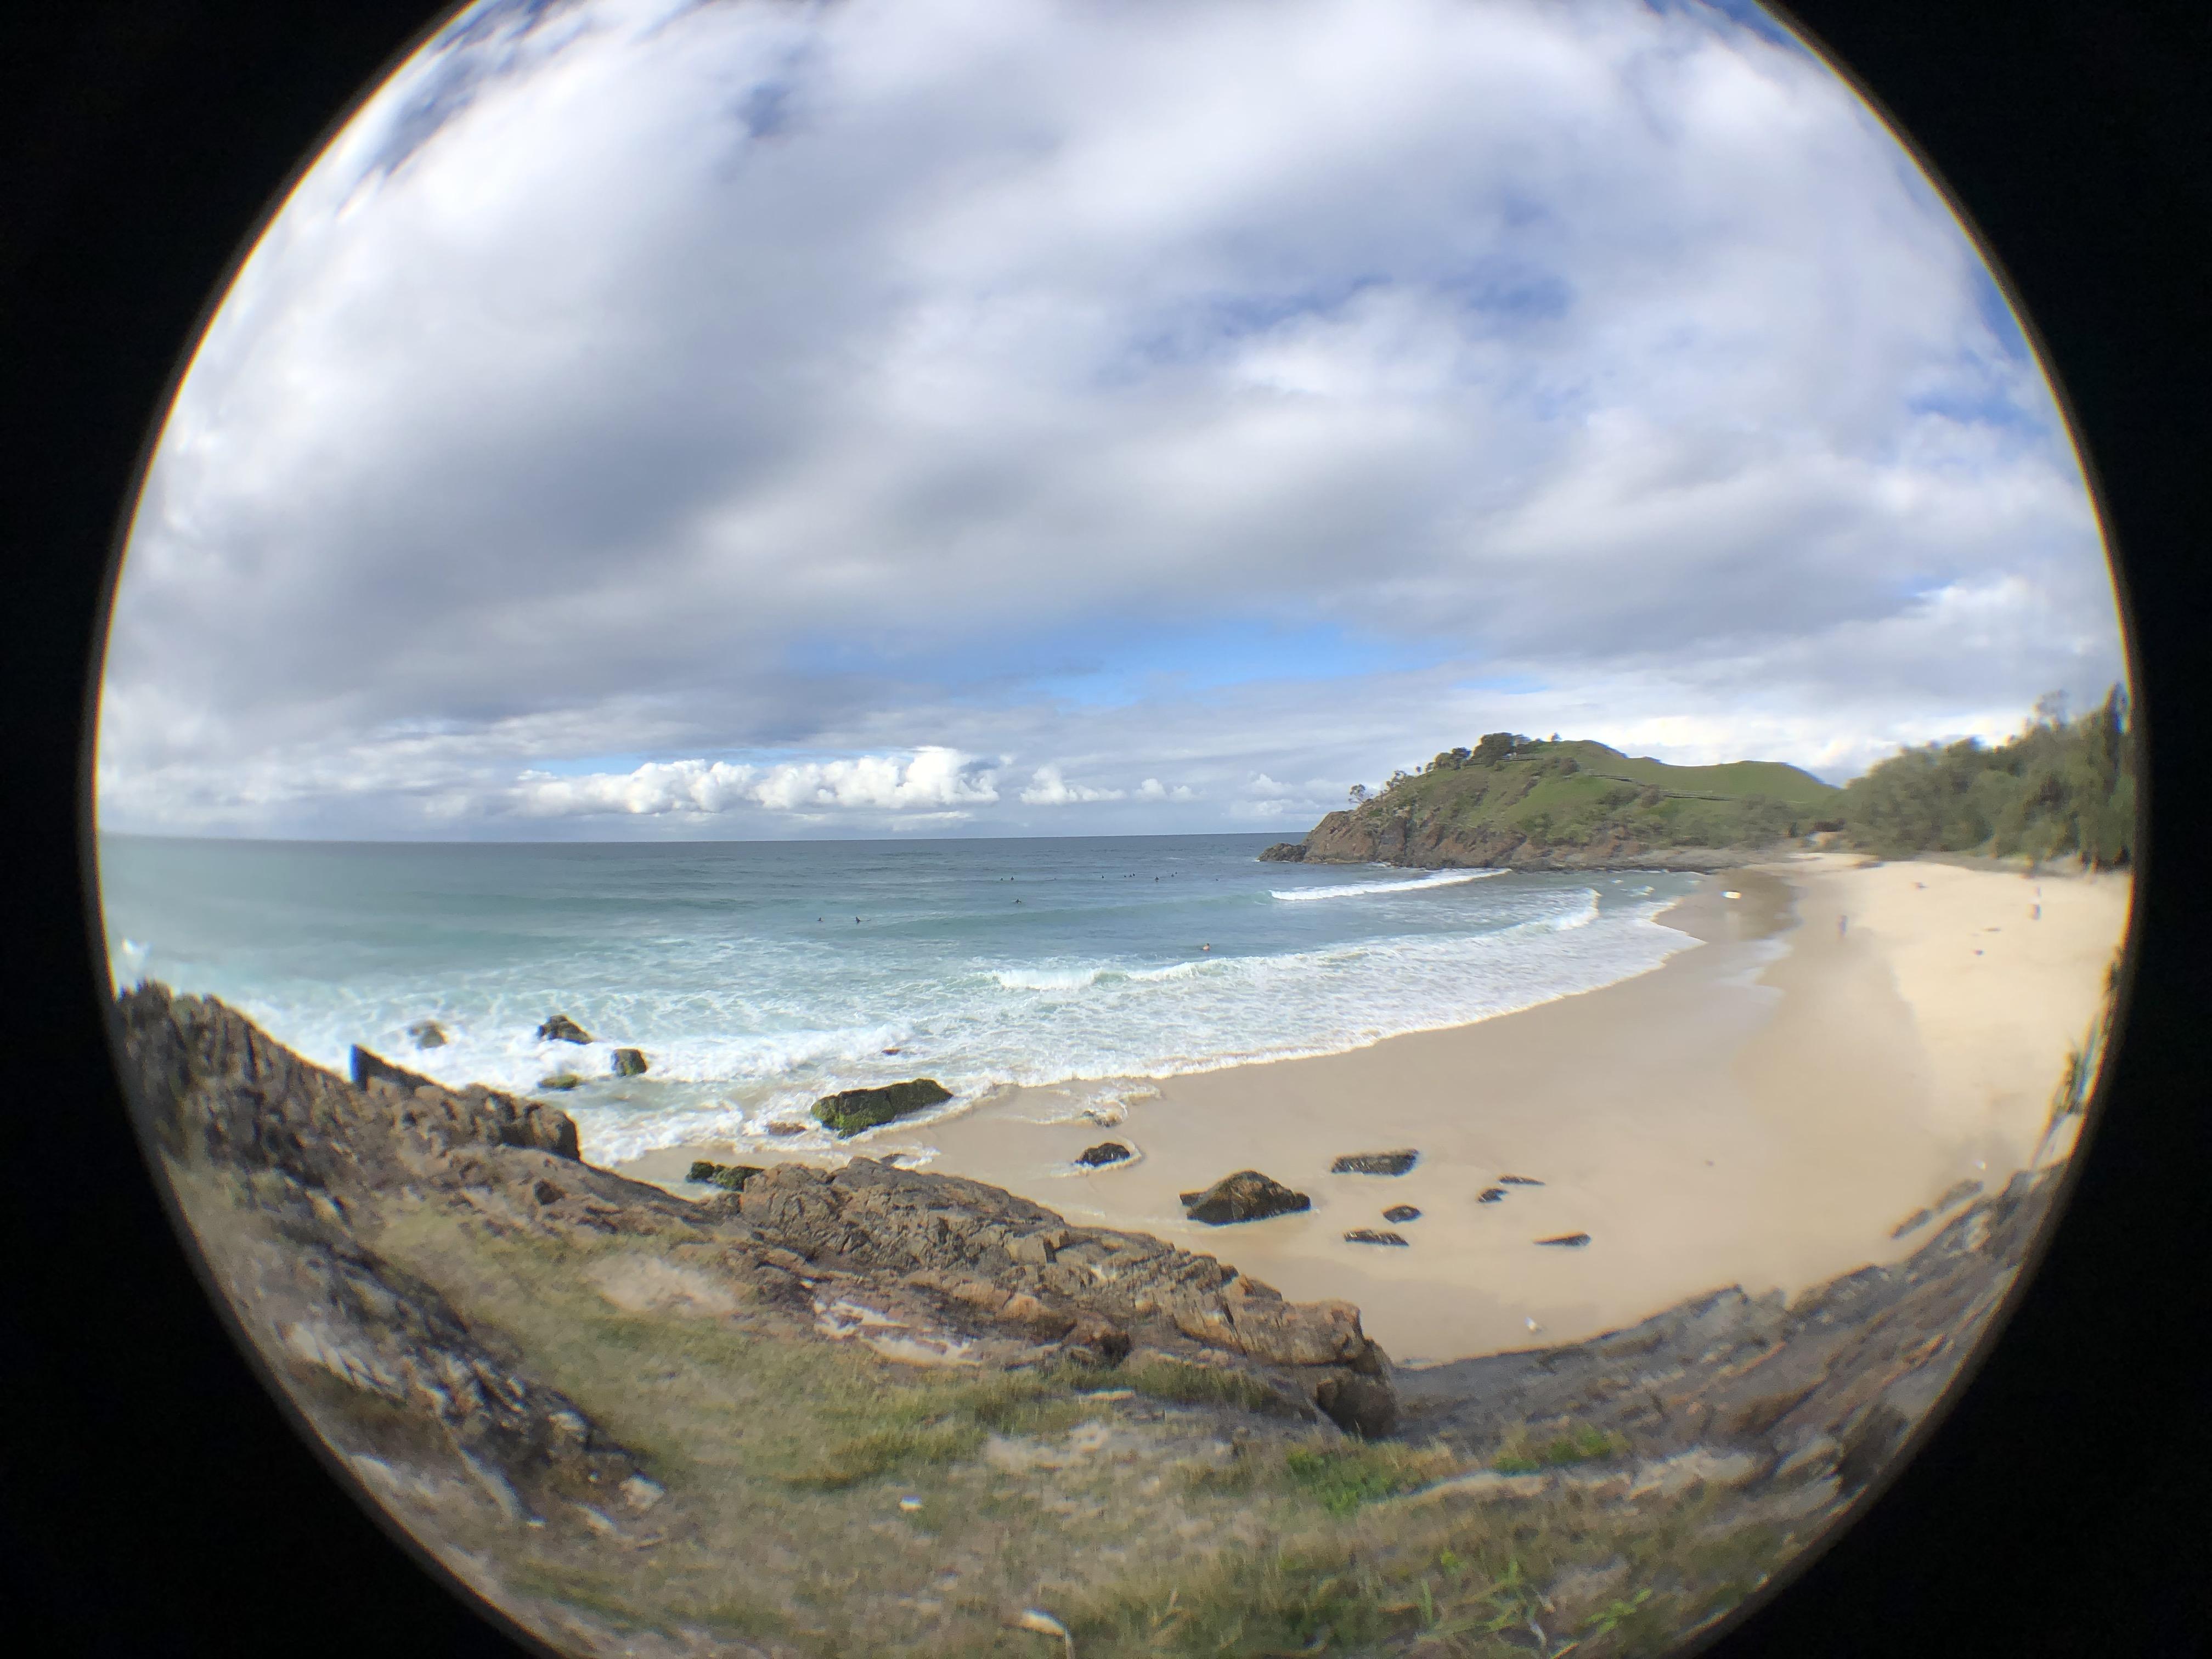 Cabarita Beach with Fisheye Lens